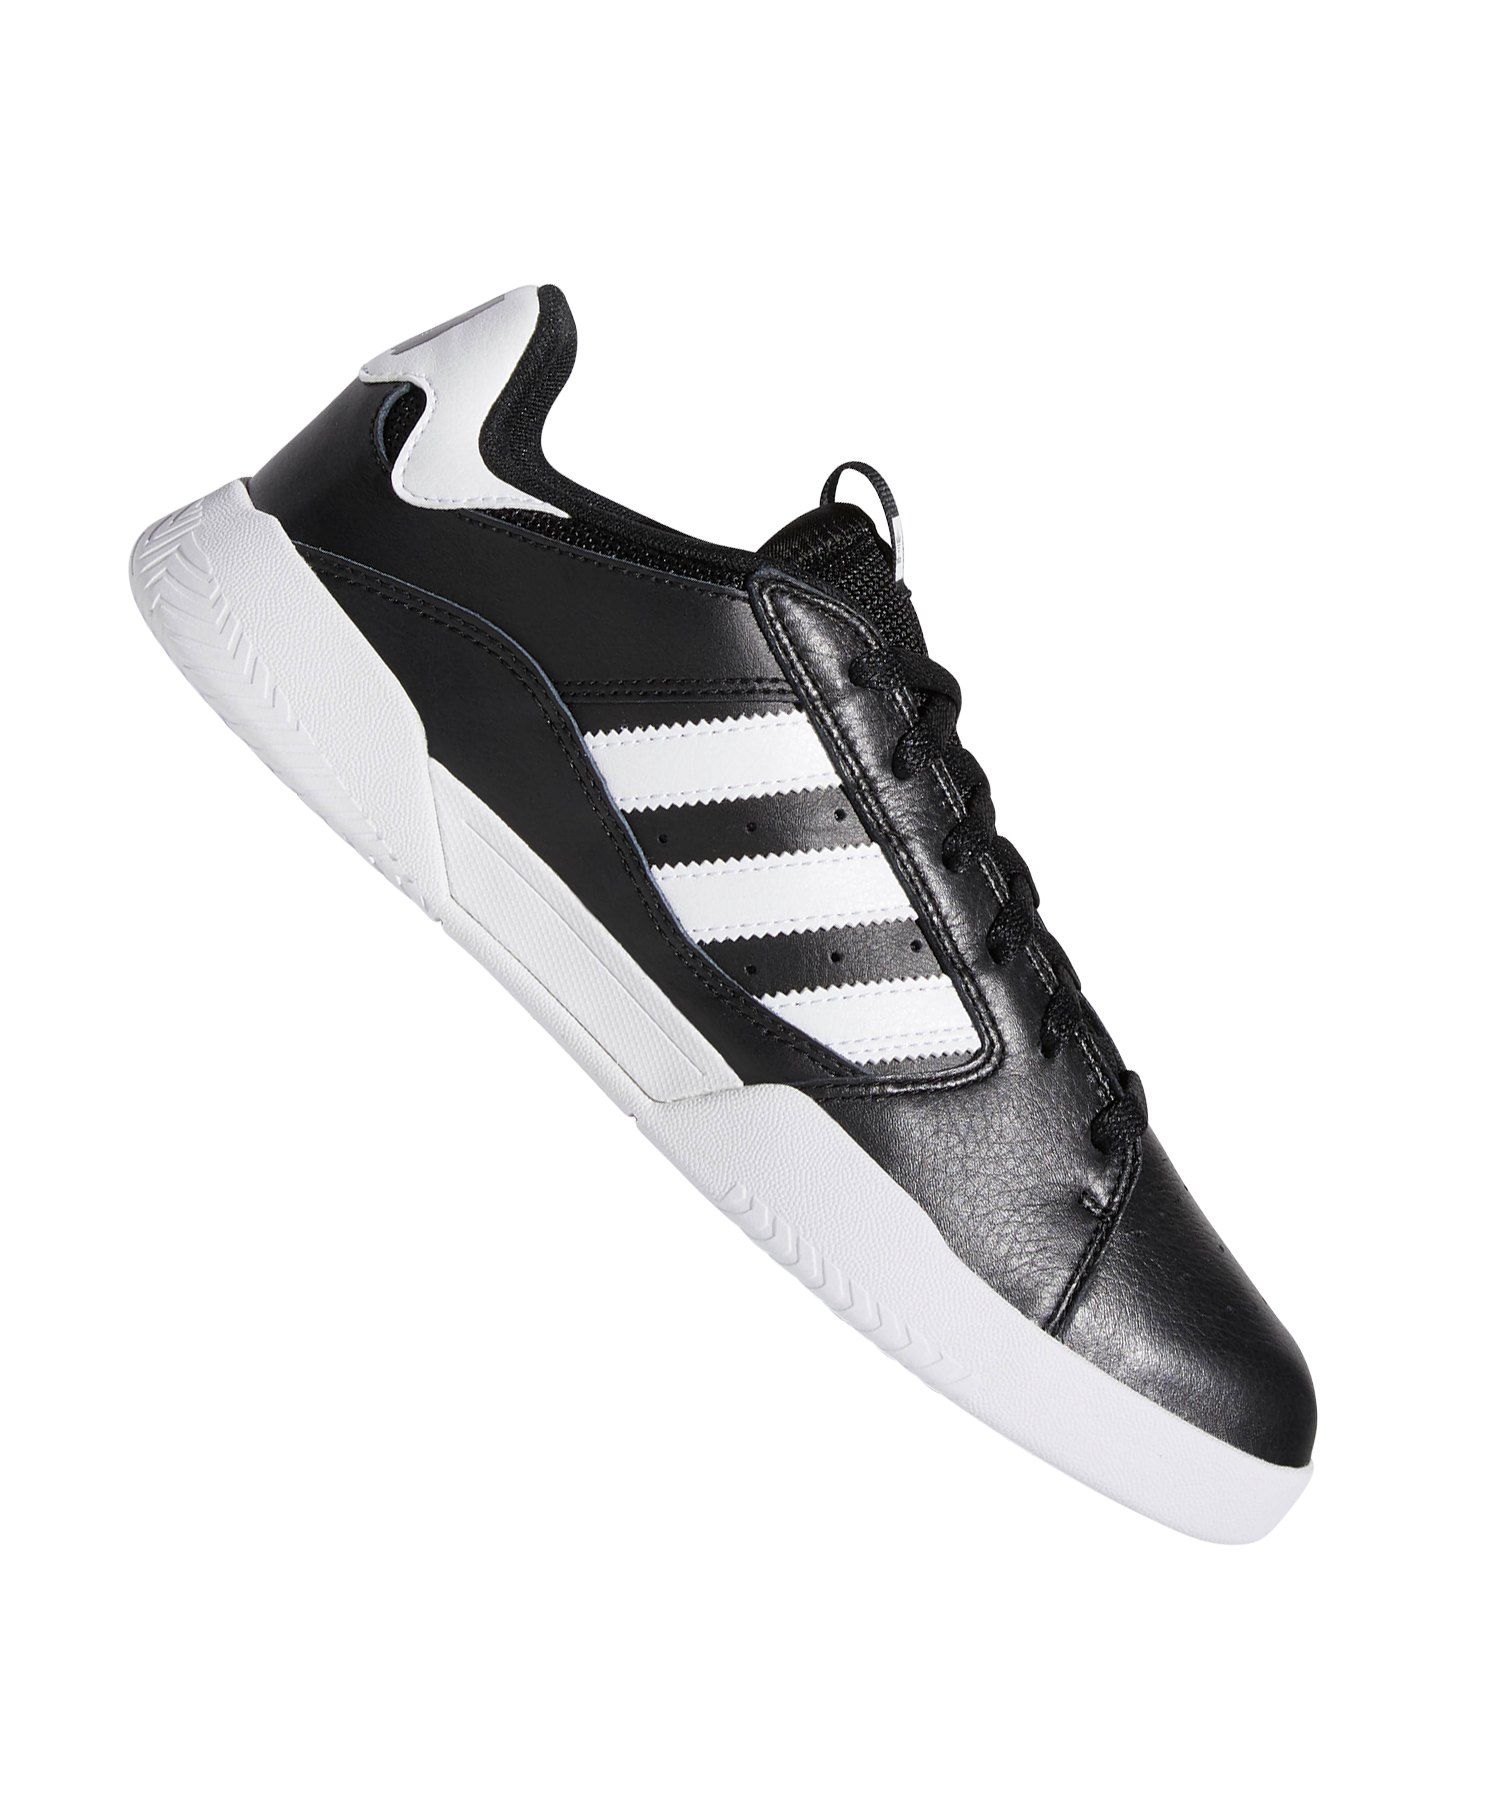 adidas Originals VRX Sneaker Schwarz Weiss